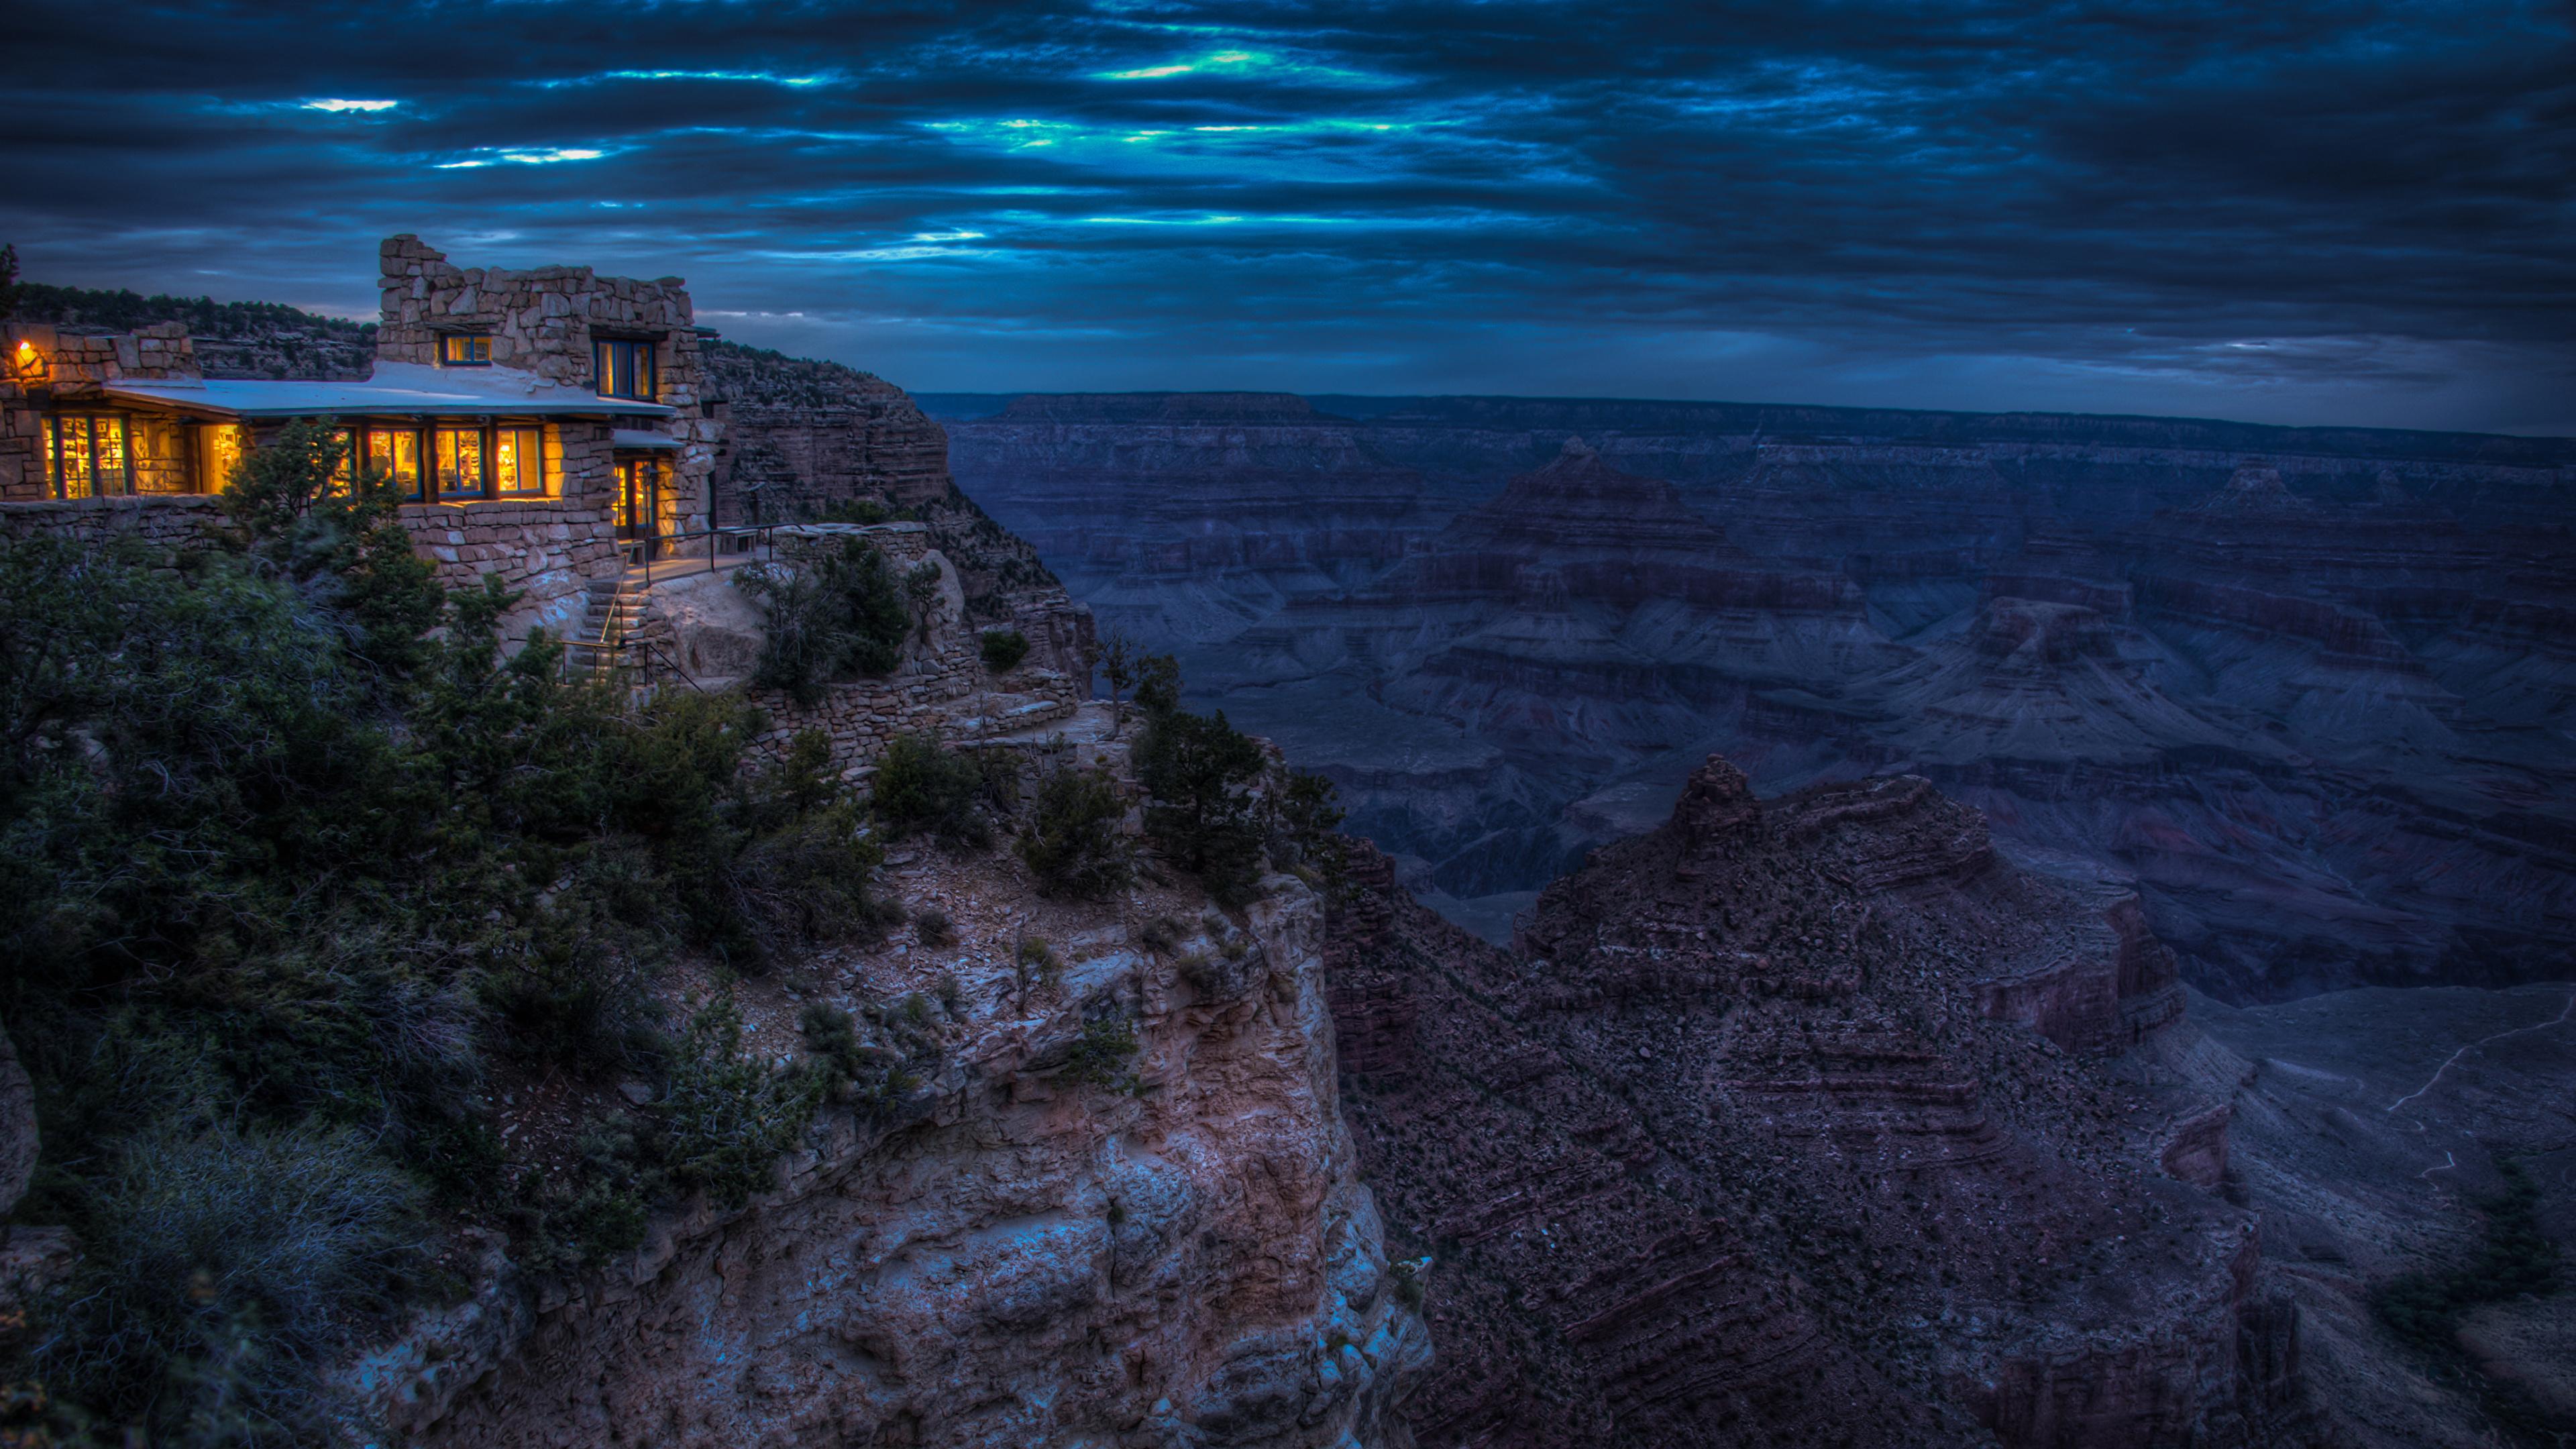 Фотографии Гранд-Каньон парк Горы скале Природа парк Вечер Дома 3840x2160 гора Утес скалы Скала Парки Здания